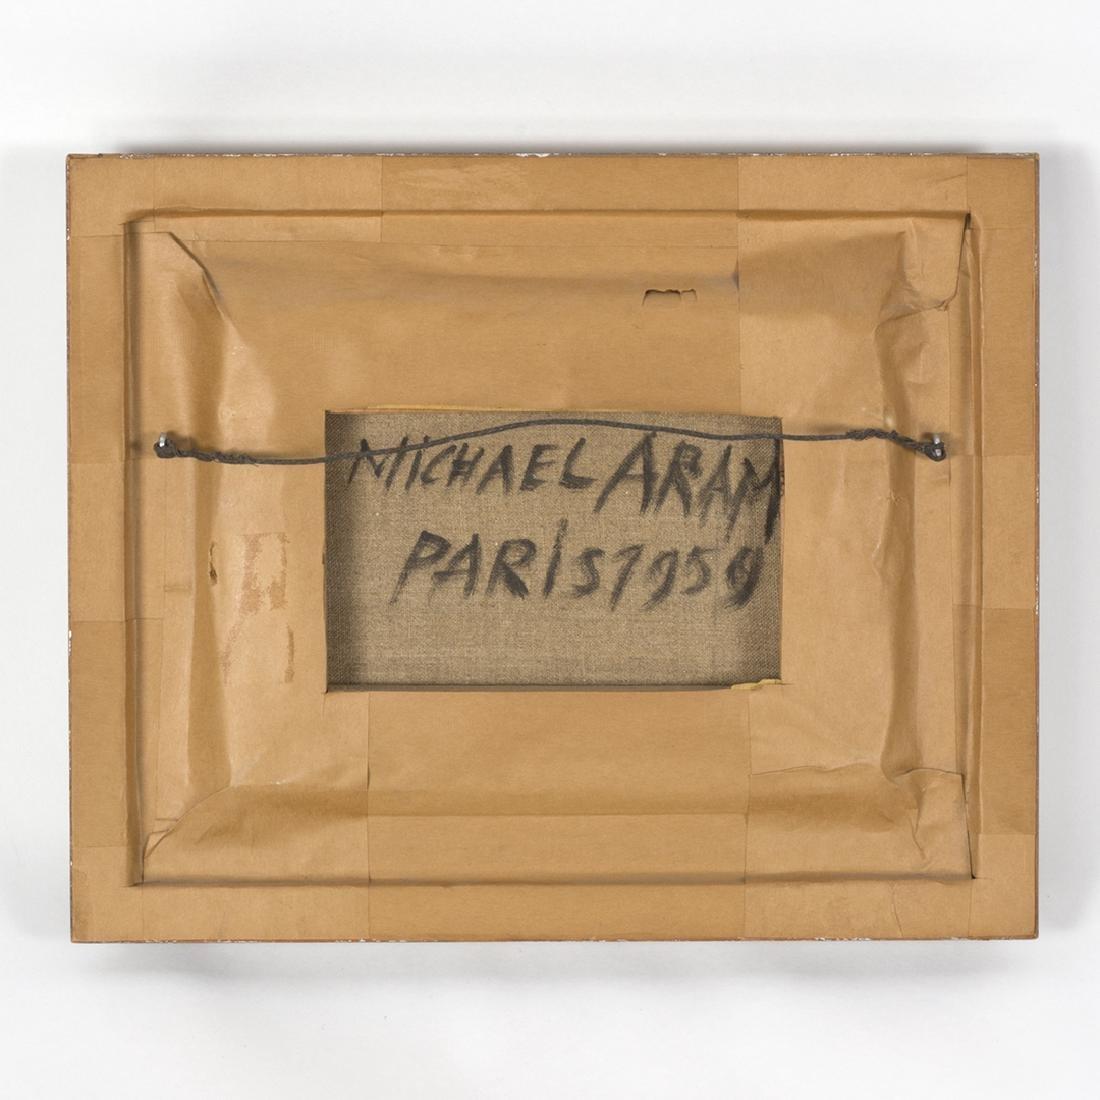 Gottlieb Michael Aram 'Paris' Painting - 3